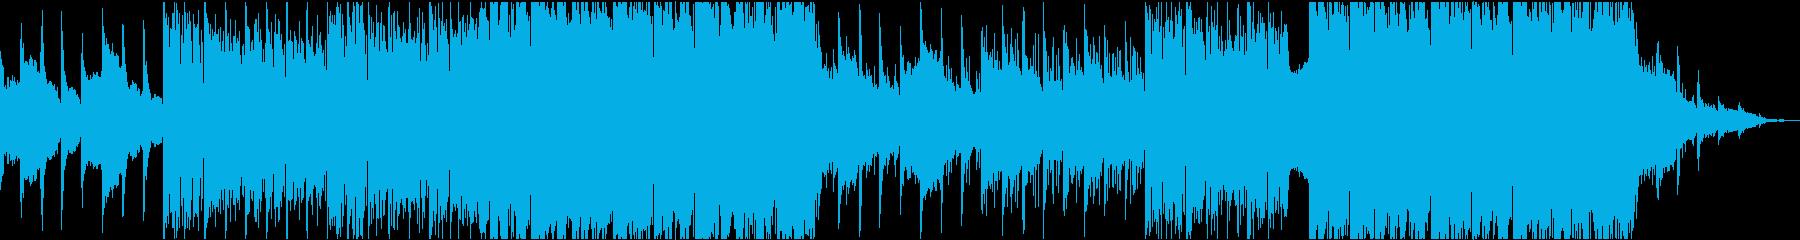 神秘的なボイスとオーケストラBGMの再生済みの波形